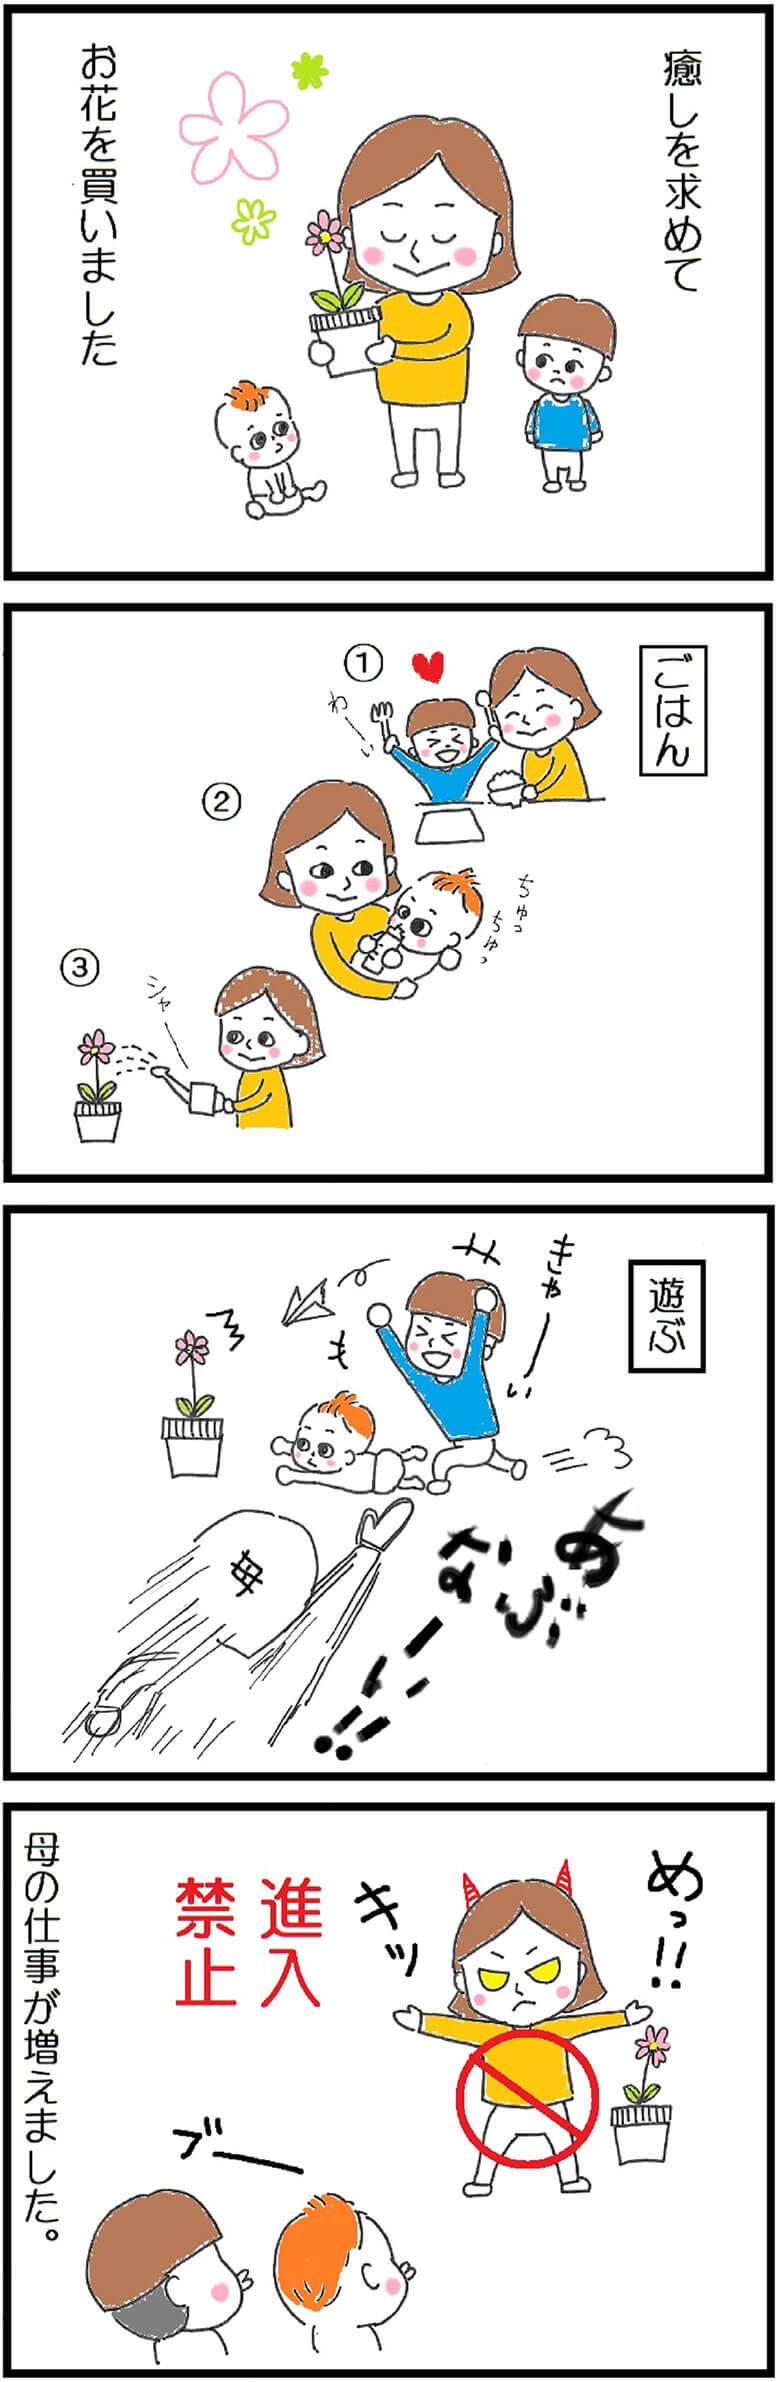 花購入の子育て4コマ漫画